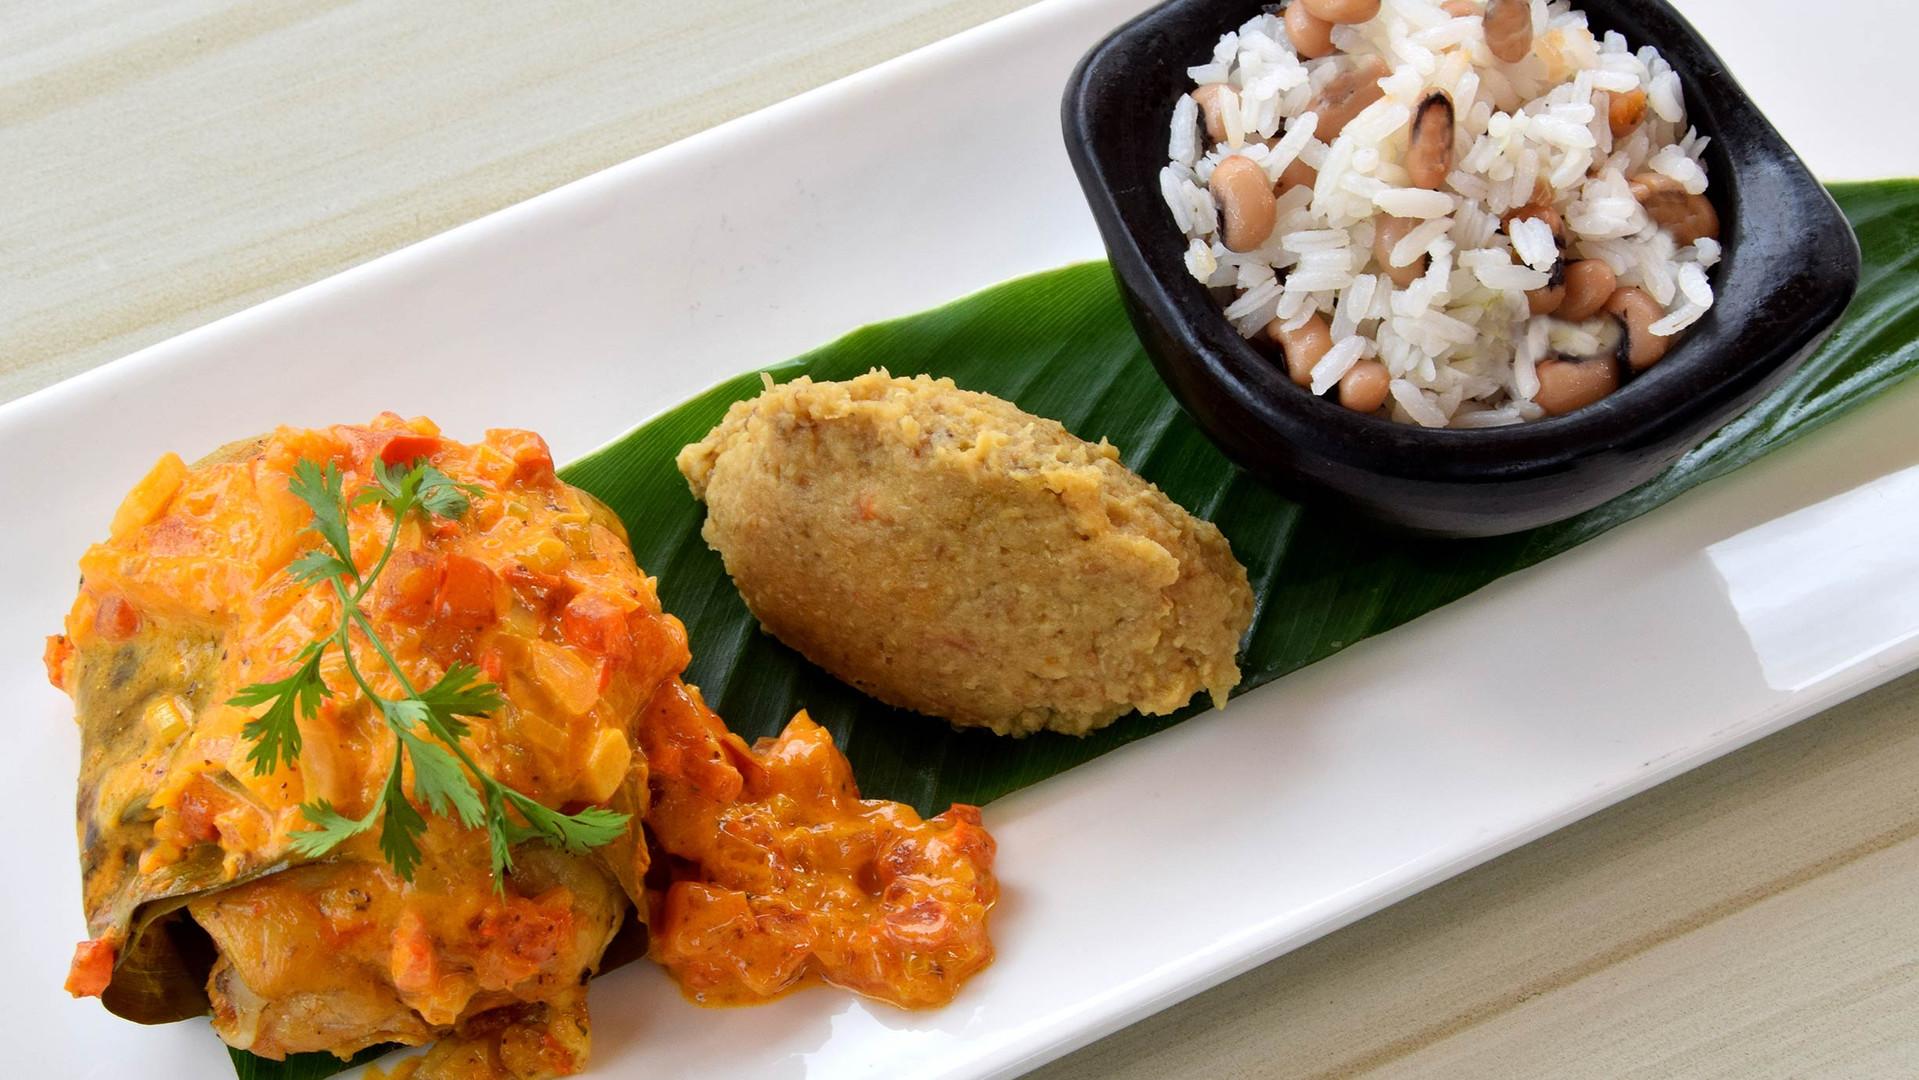 pollo-con-salsa-caribeña-cocinado-en-ho